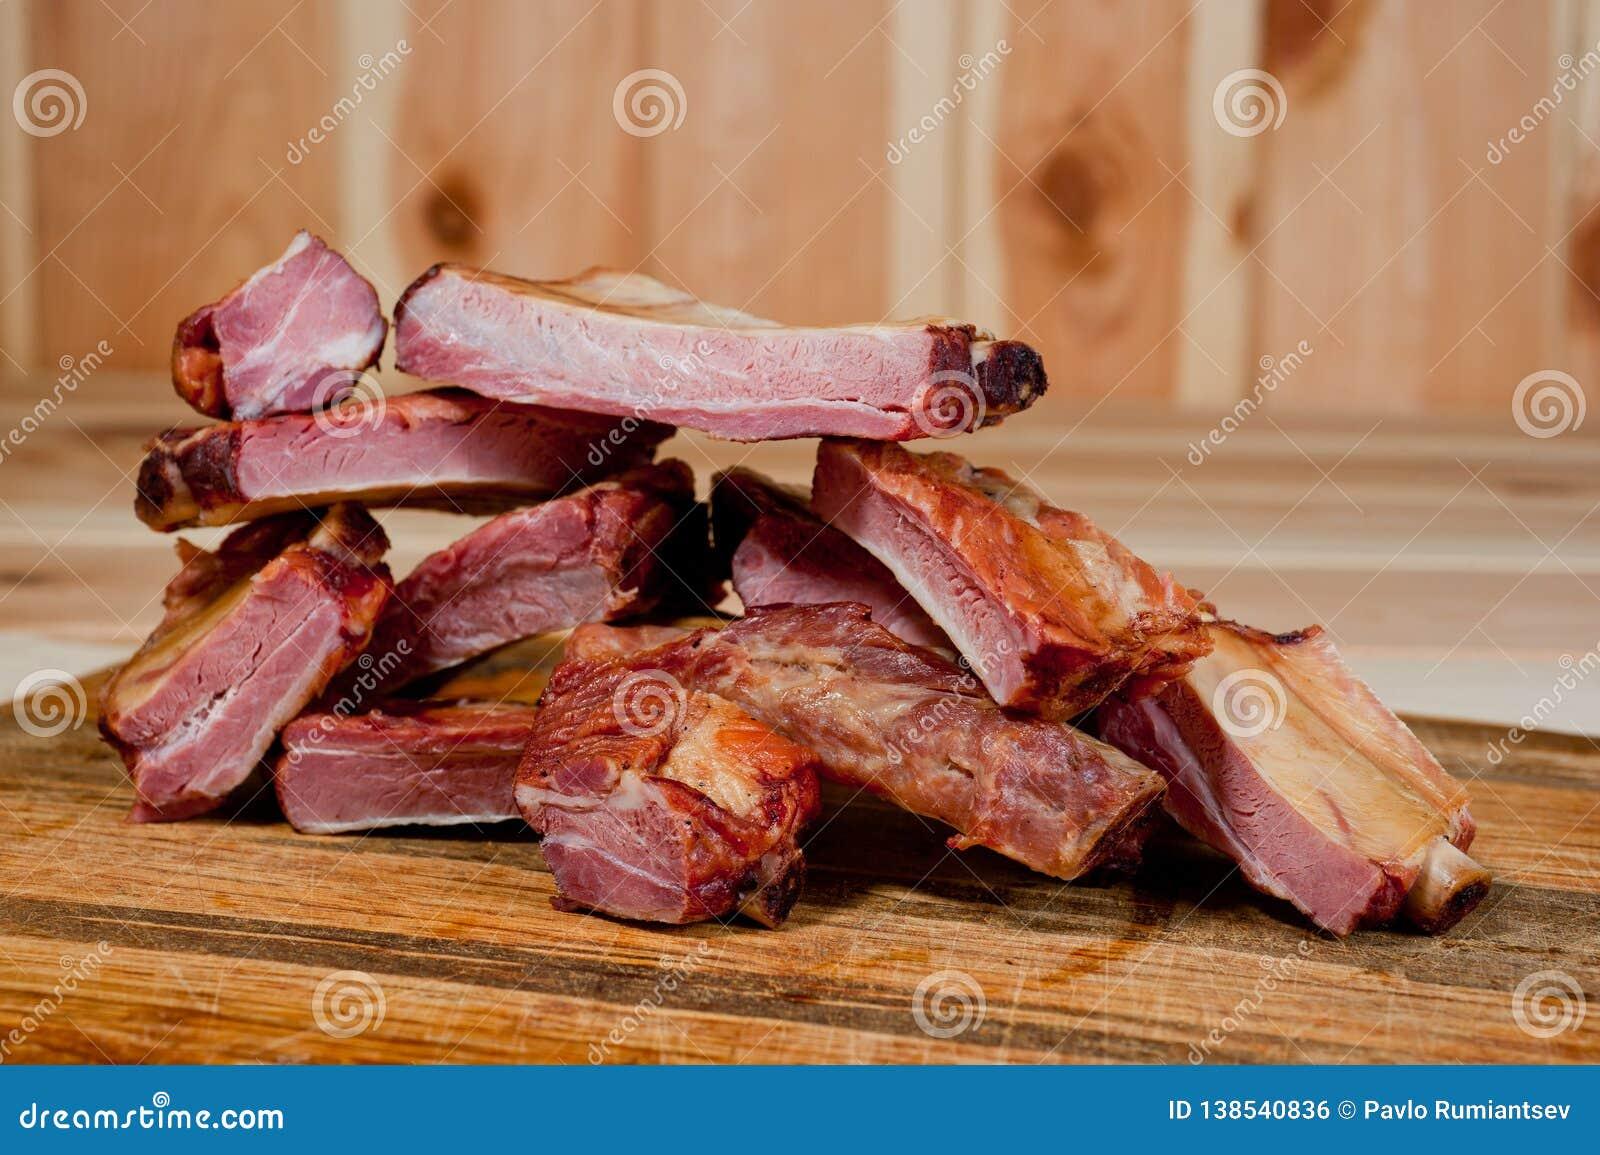 Geräucherte Schweinefleischrippen saftig und fleischig auf einem hölzernen Schneidebrett